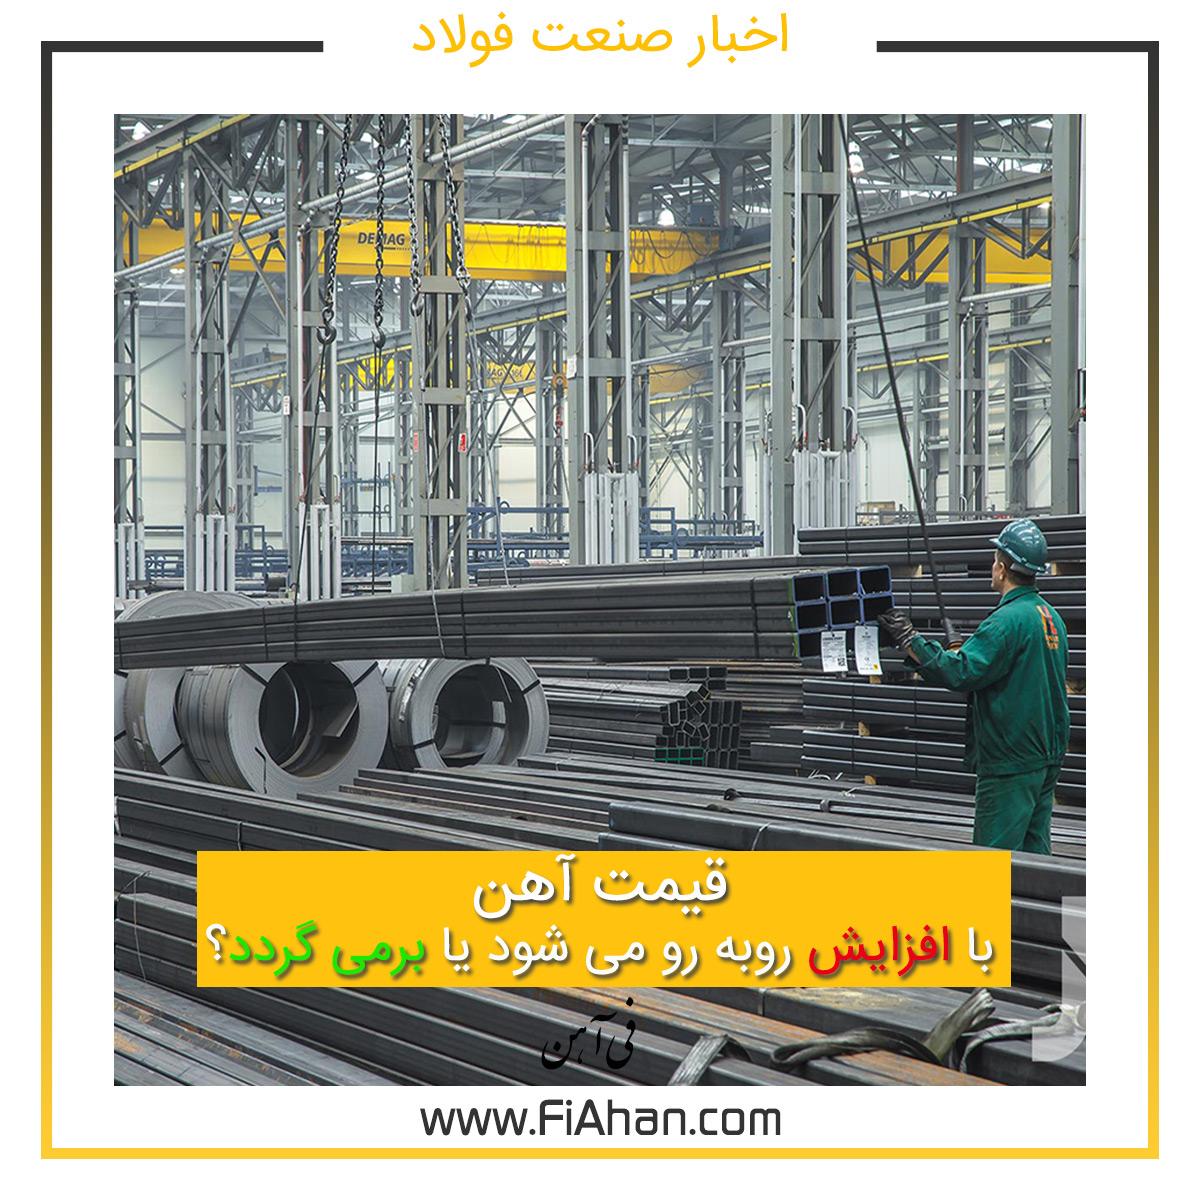 قیمت آهن با افزایش روبه رو می شود یا برمی گردد؟